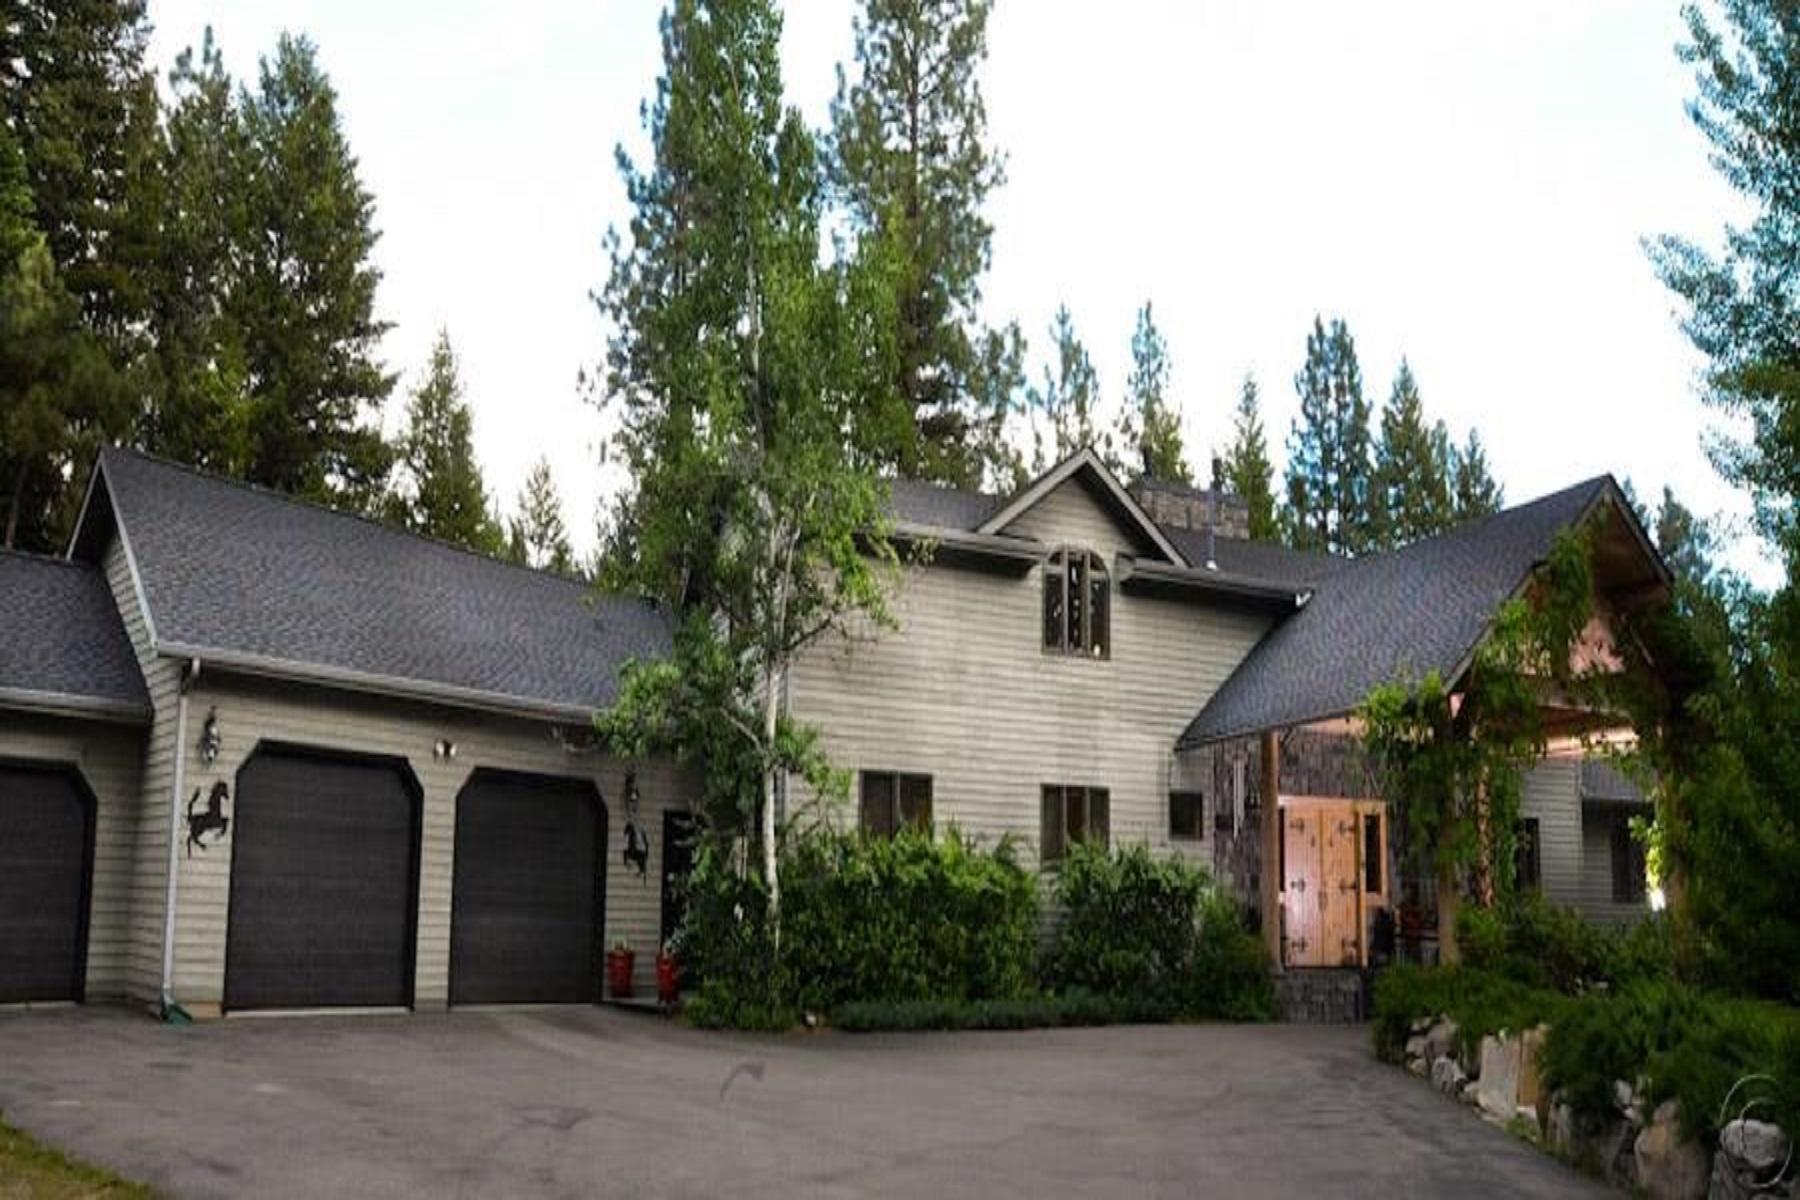 Casa Unifamiliar por un Venta en 20880 Whitetail Ridge Rd , Huson, MT 59846 20880 Whitetail Ridge Rd Huson, Montana, 59846 Estados Unidos